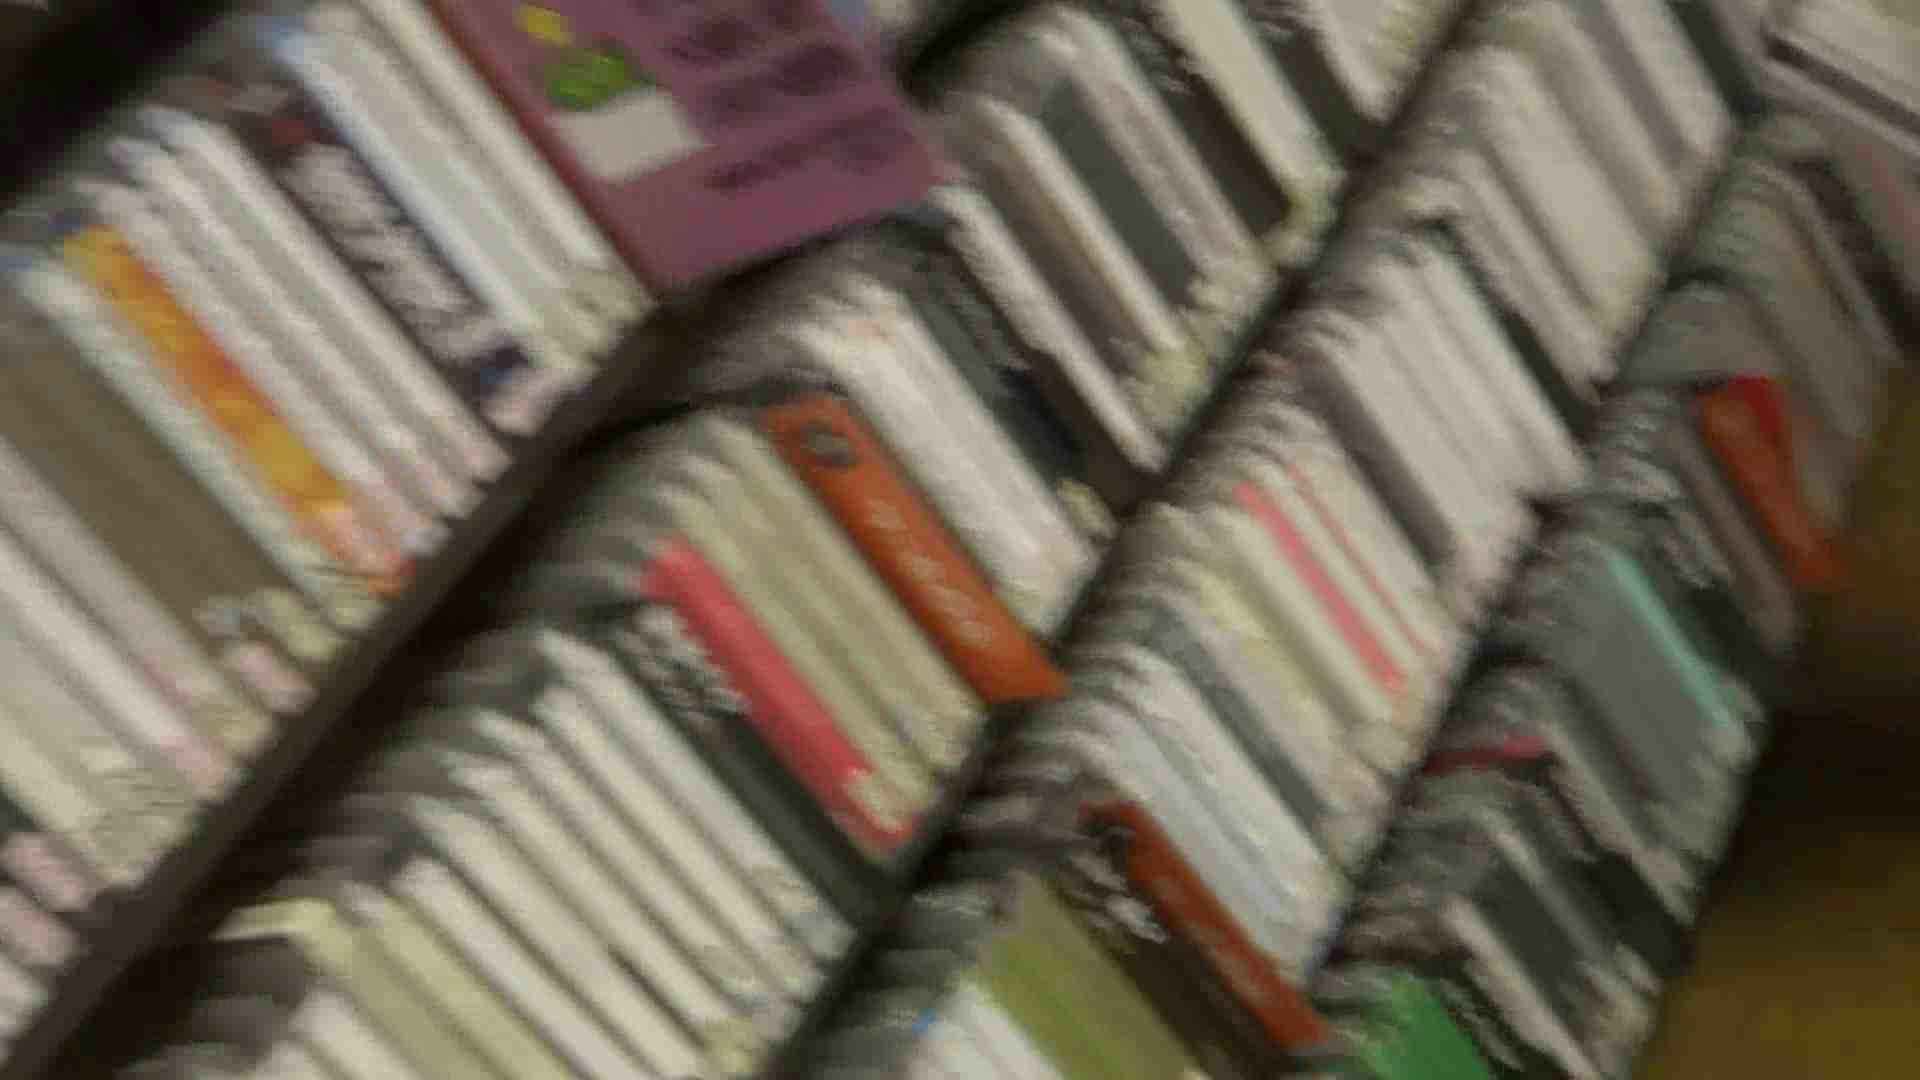 近所のお店は危険がイッパイ vol.9 美しいOLの裸体  104pic 96